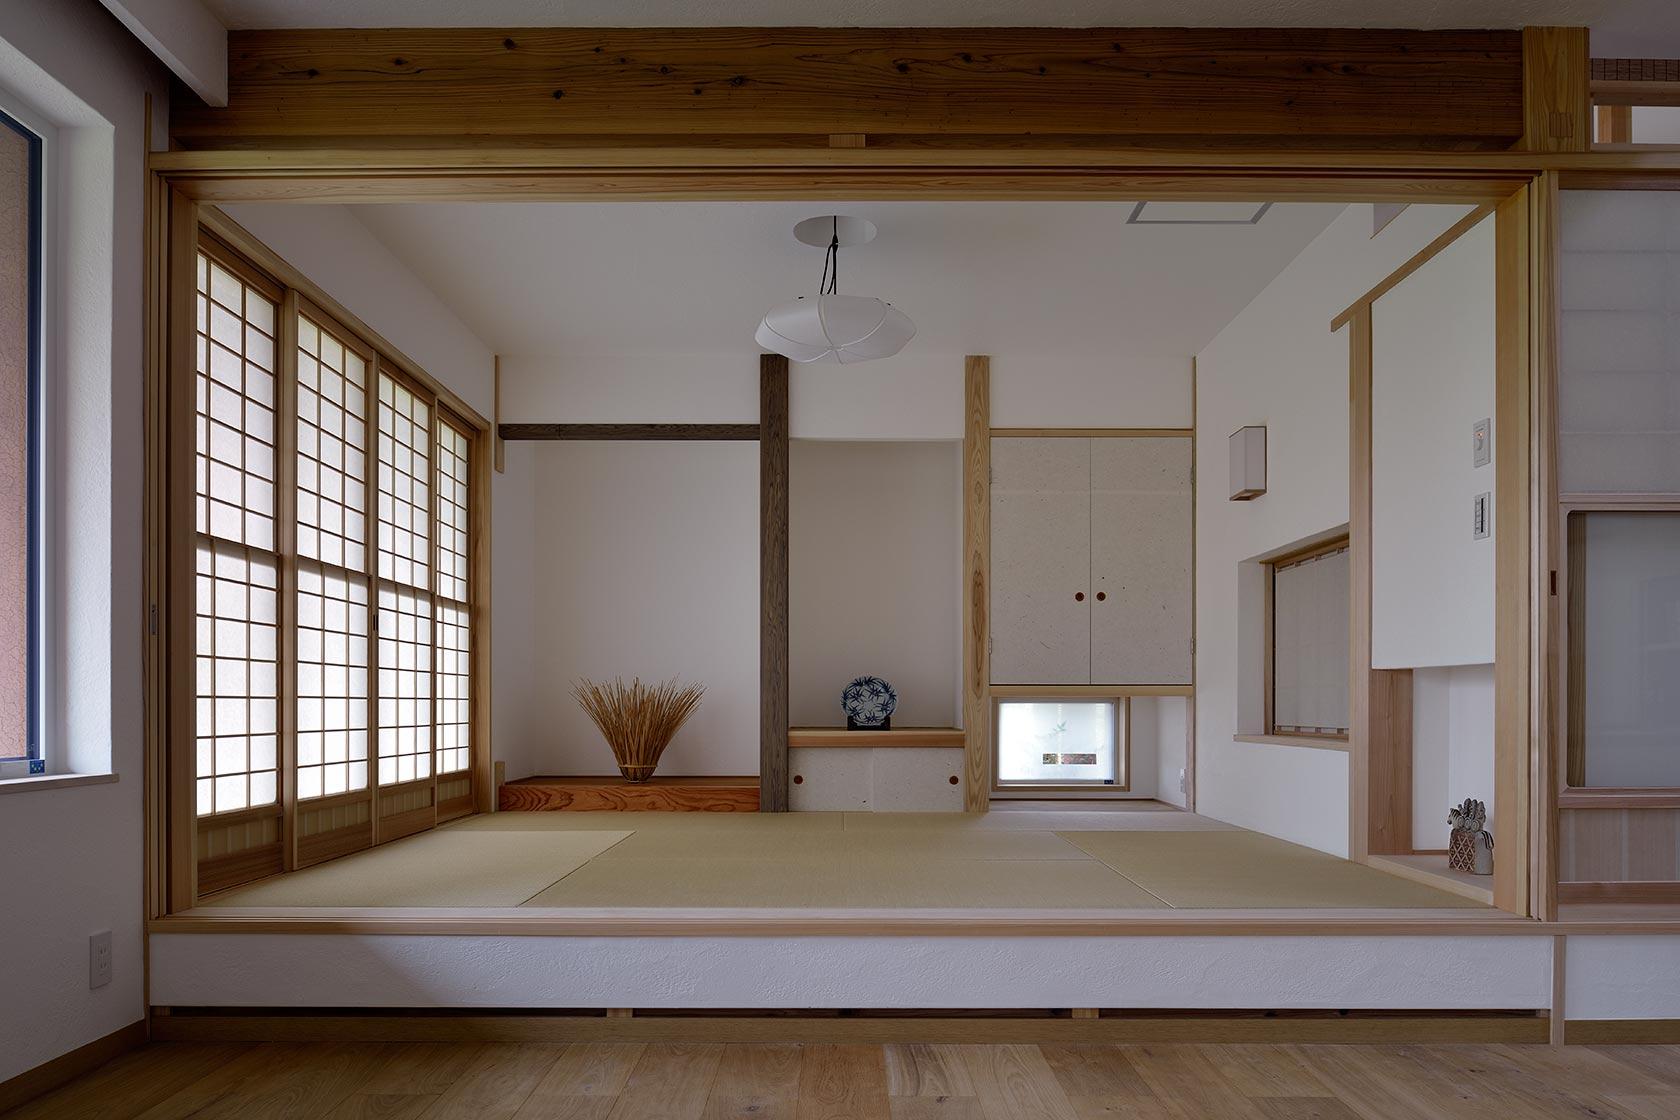 吉野ヶ里の家11-和室